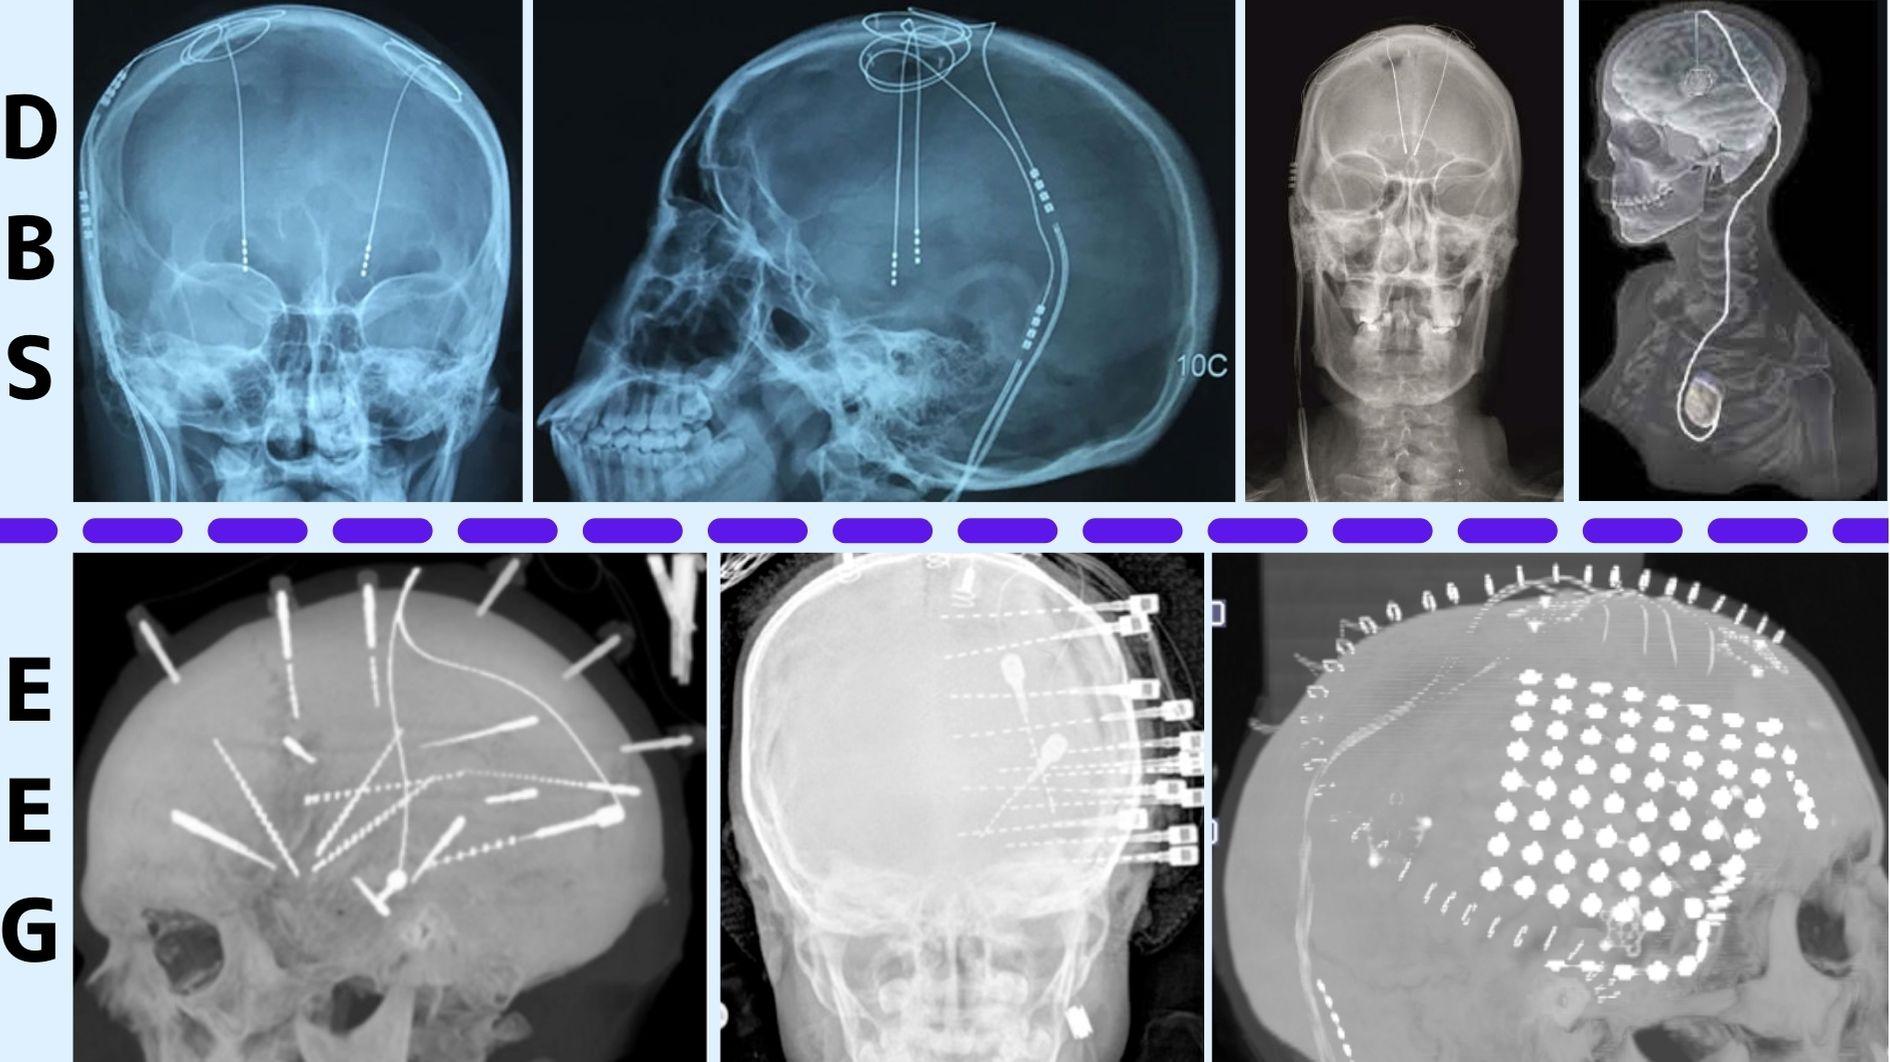 上段が代表的な脳深部刺激療法(DBS)で下段が前回の研究の基礎となったステレオEEG技術。単純な抑制を目的にしたDBSはEEGにくらべて簡素な電極が用いられているのがわかる。